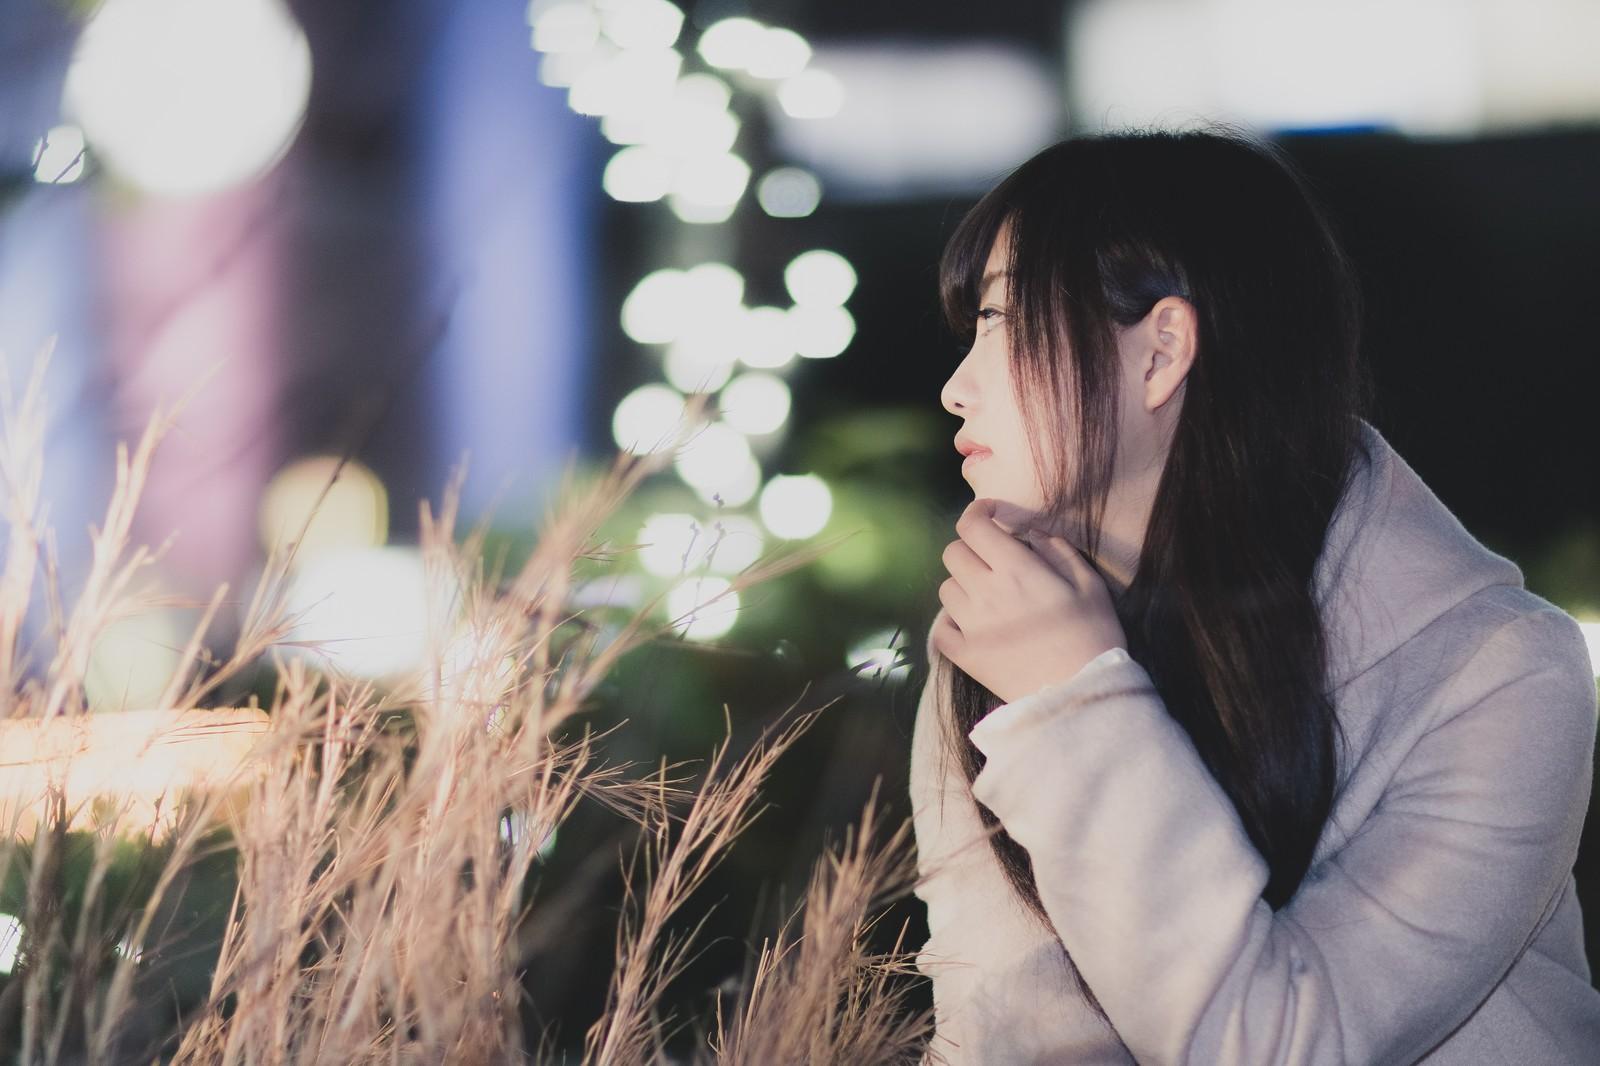 【忘れられない恋】過去の恋愛を忘れられない理由|忘れるための8つの秘訣とは?